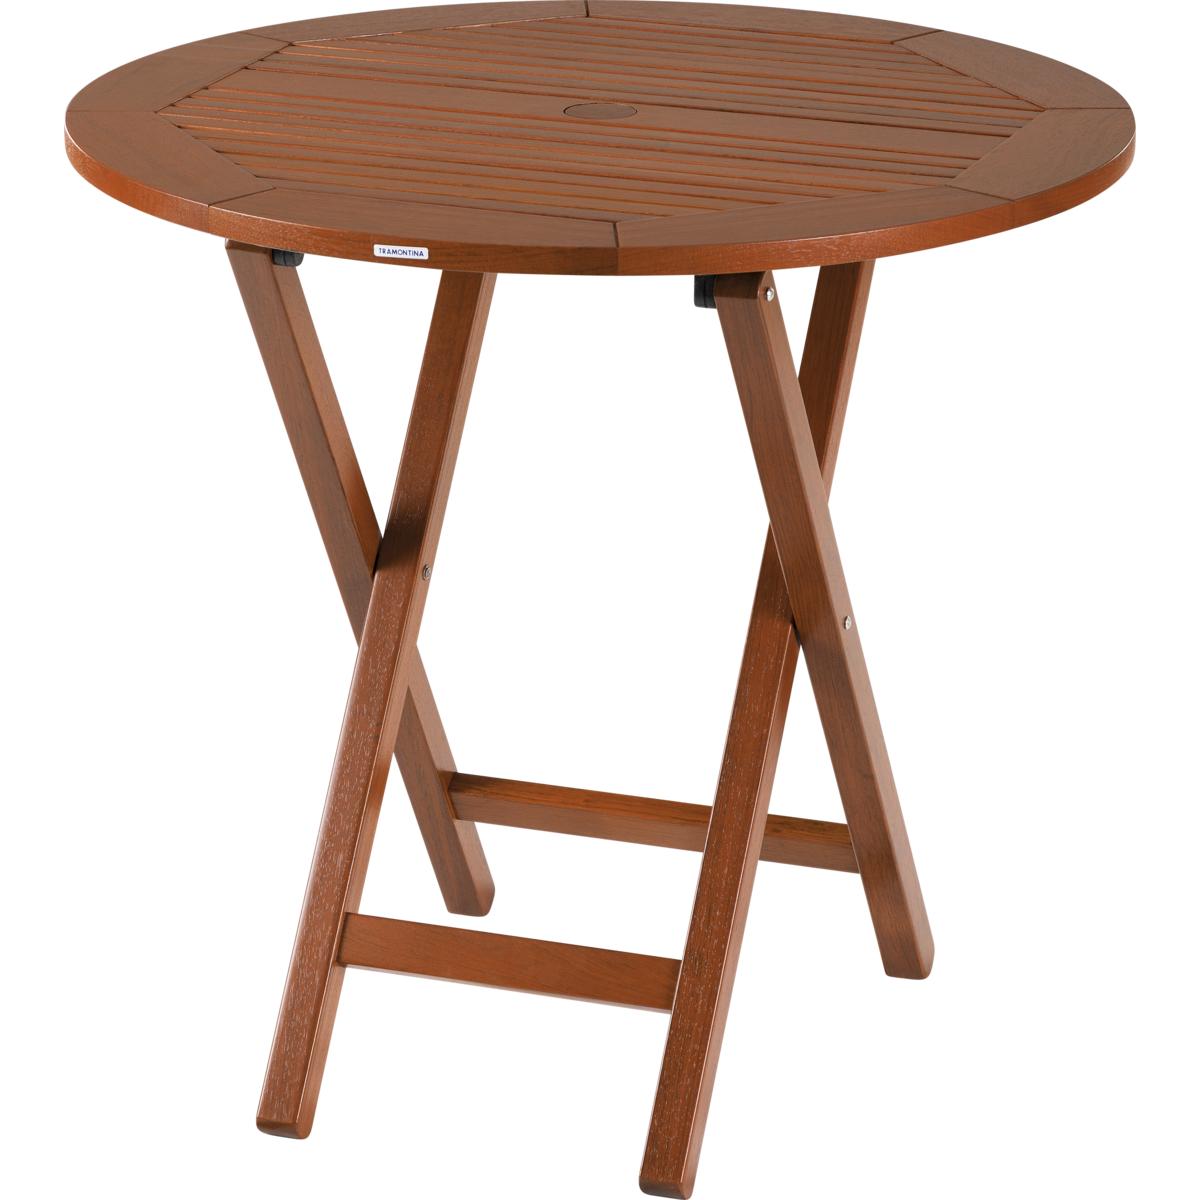 Tramontina mesa de madeira tramontina redonda dobr vel em jatob com acabamento eco blindage 4 - Mesas pequenas ...